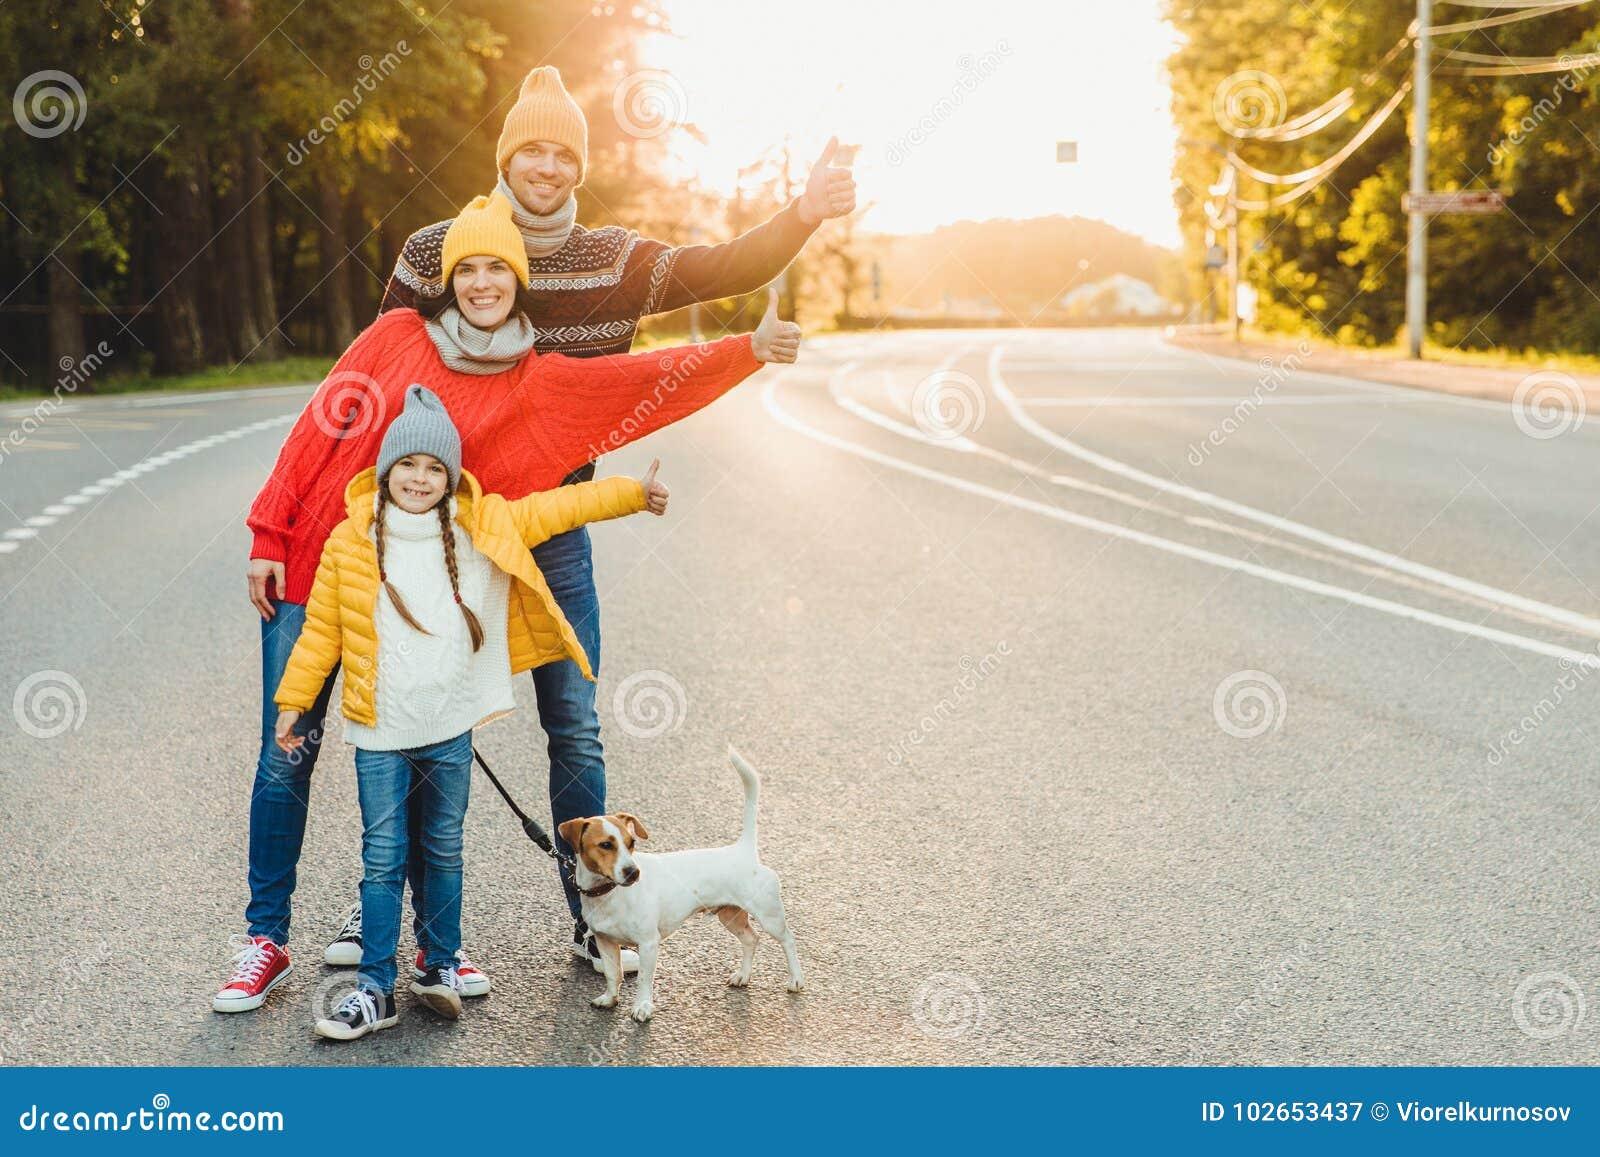 Le portrait extérieur de la jolie femme, son mari et la fille montrent le signe correct, marchent avec le chien sur la route, app